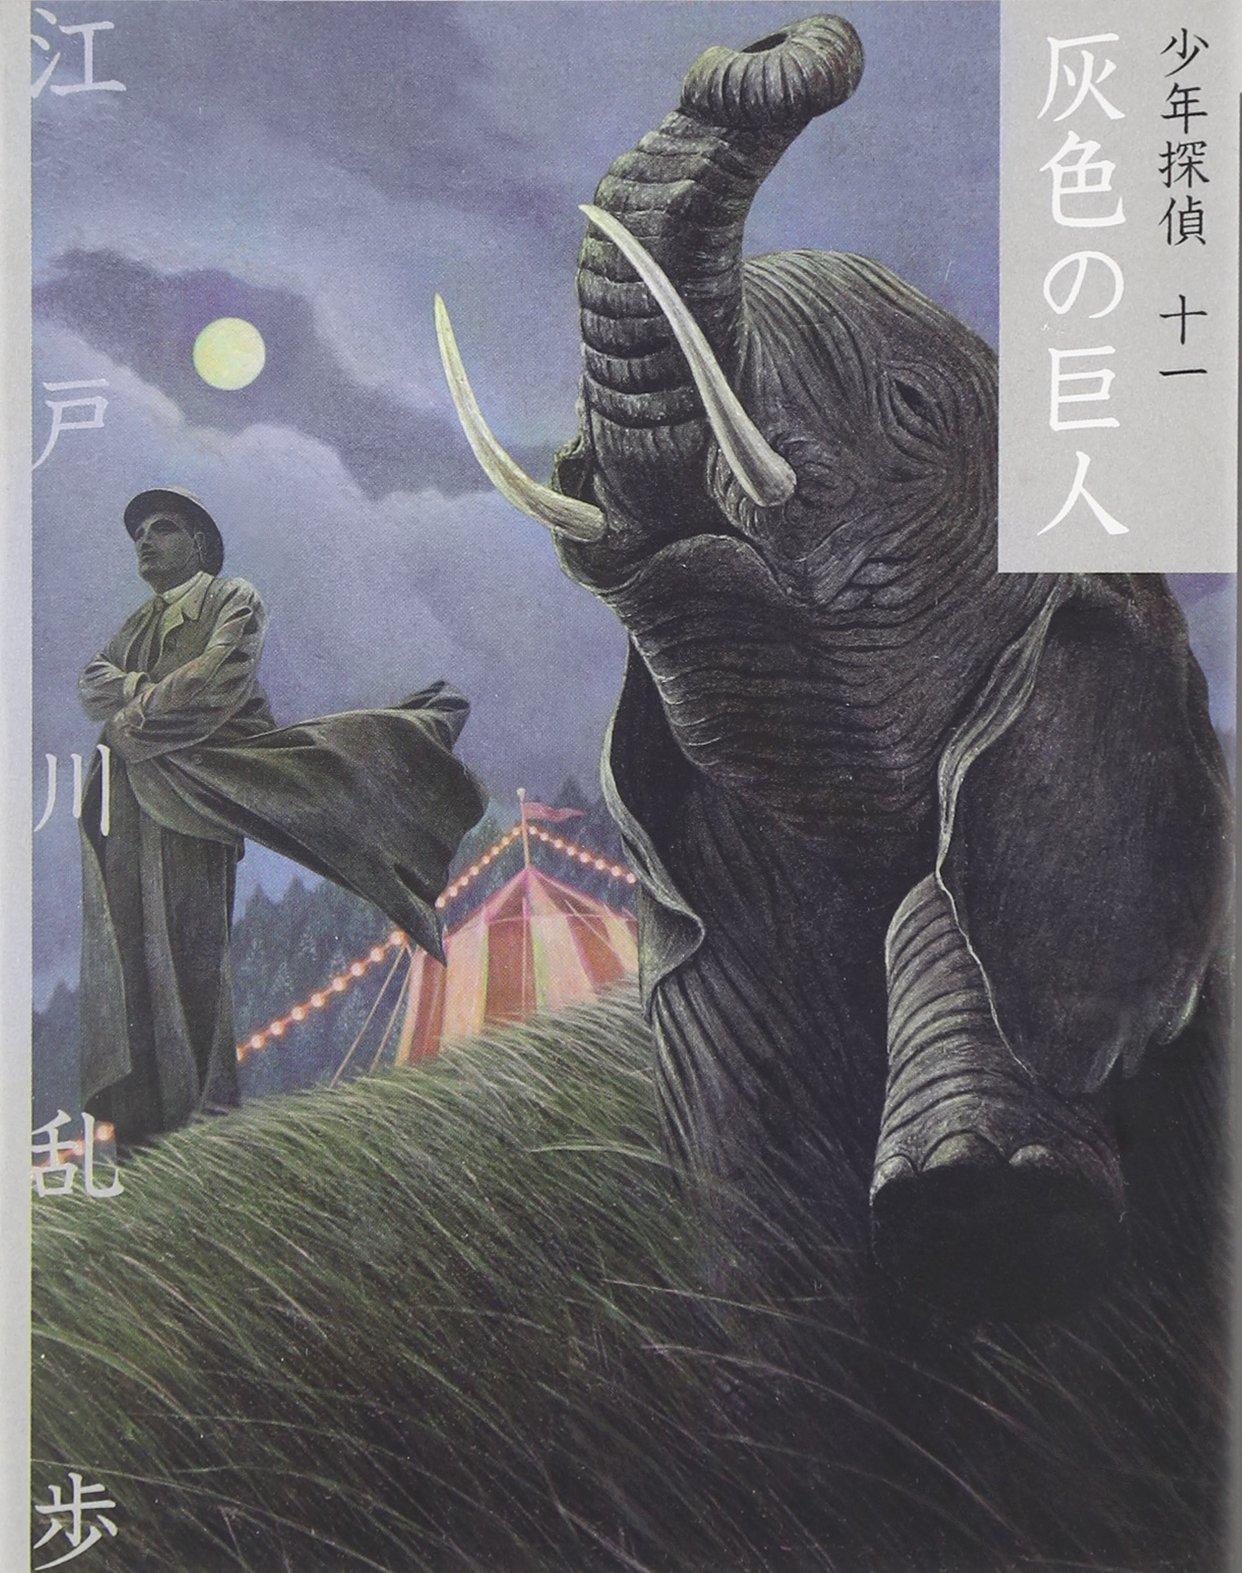 灰色の巨人 (少年探偵)   江戸川 乱歩, 藤田 新策  本   通販   Amazon